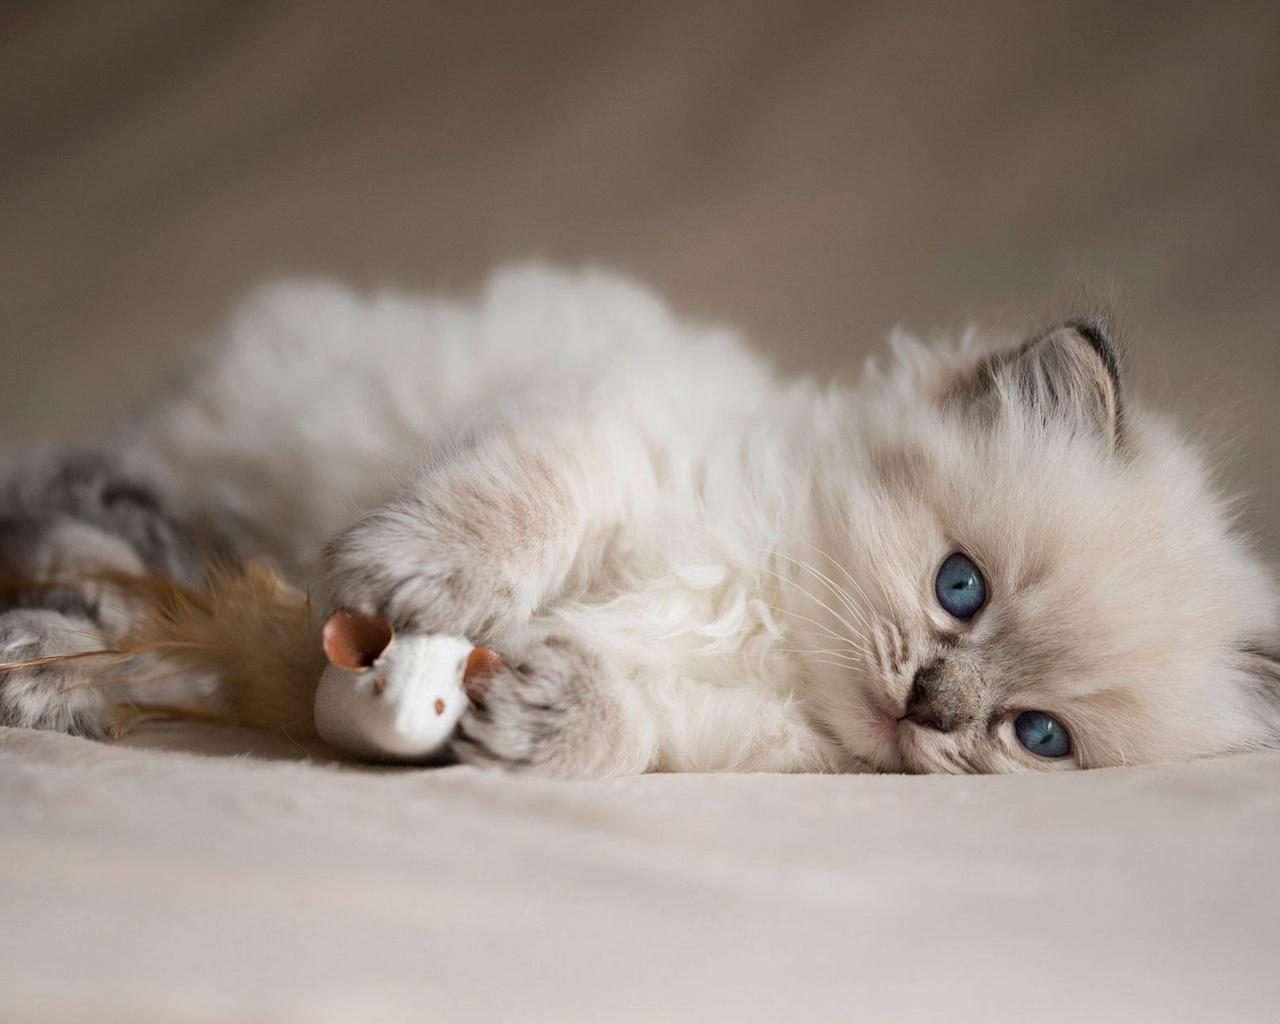 животное, котёнок, детёныш, взгляд, рэгдолл, игрушка, мышь, мышка